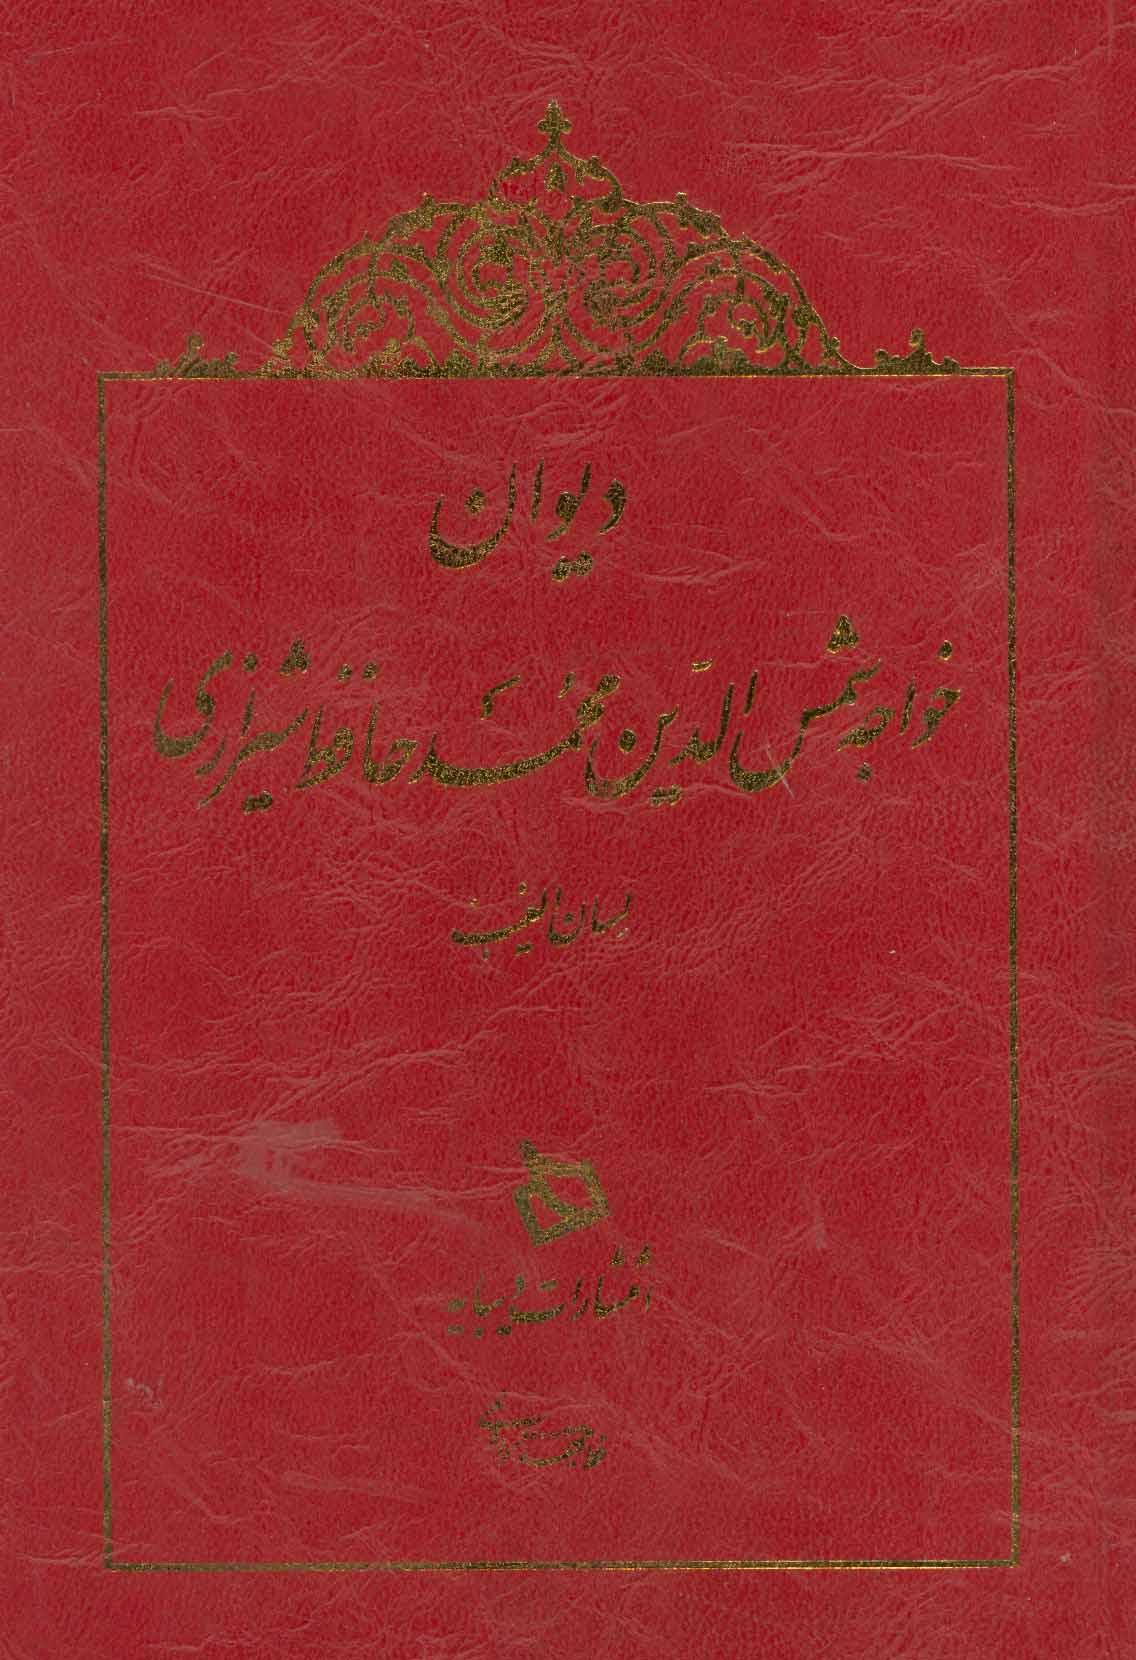 دیوان خواجه شمس الدین محمد حافظ شیرازی (لسان الغیب)،(چرم)